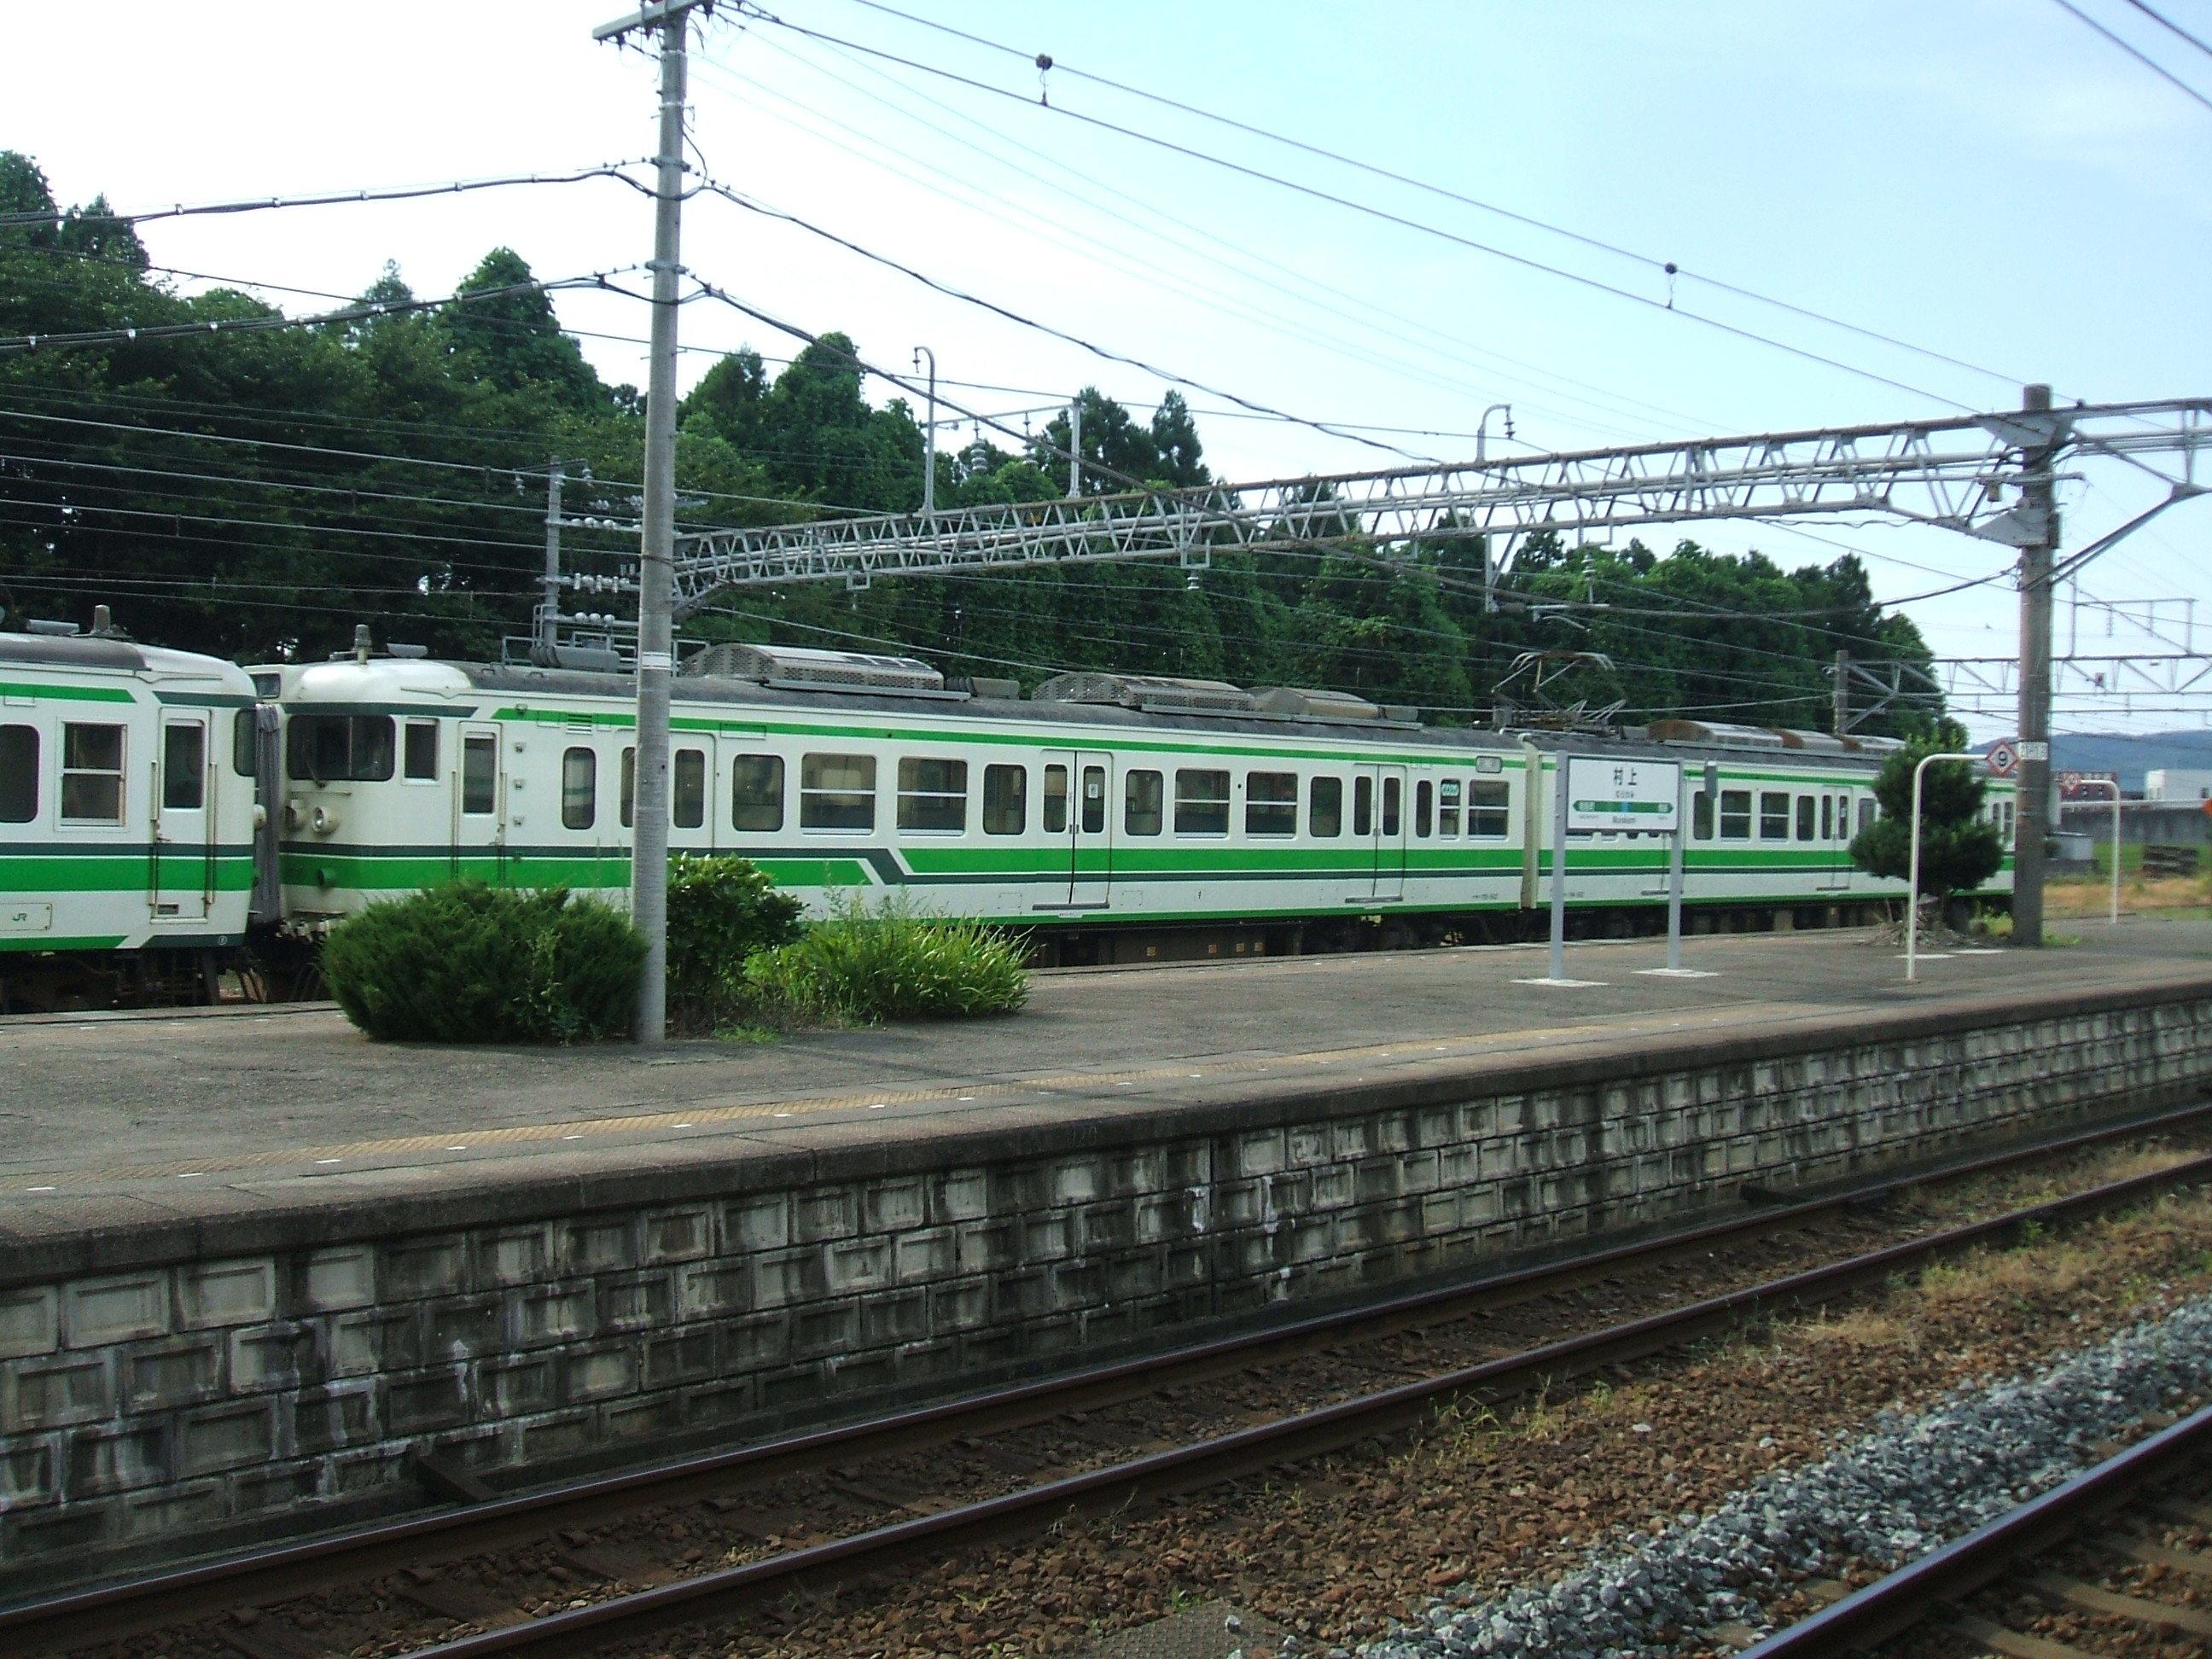 DSCF2603.jpg